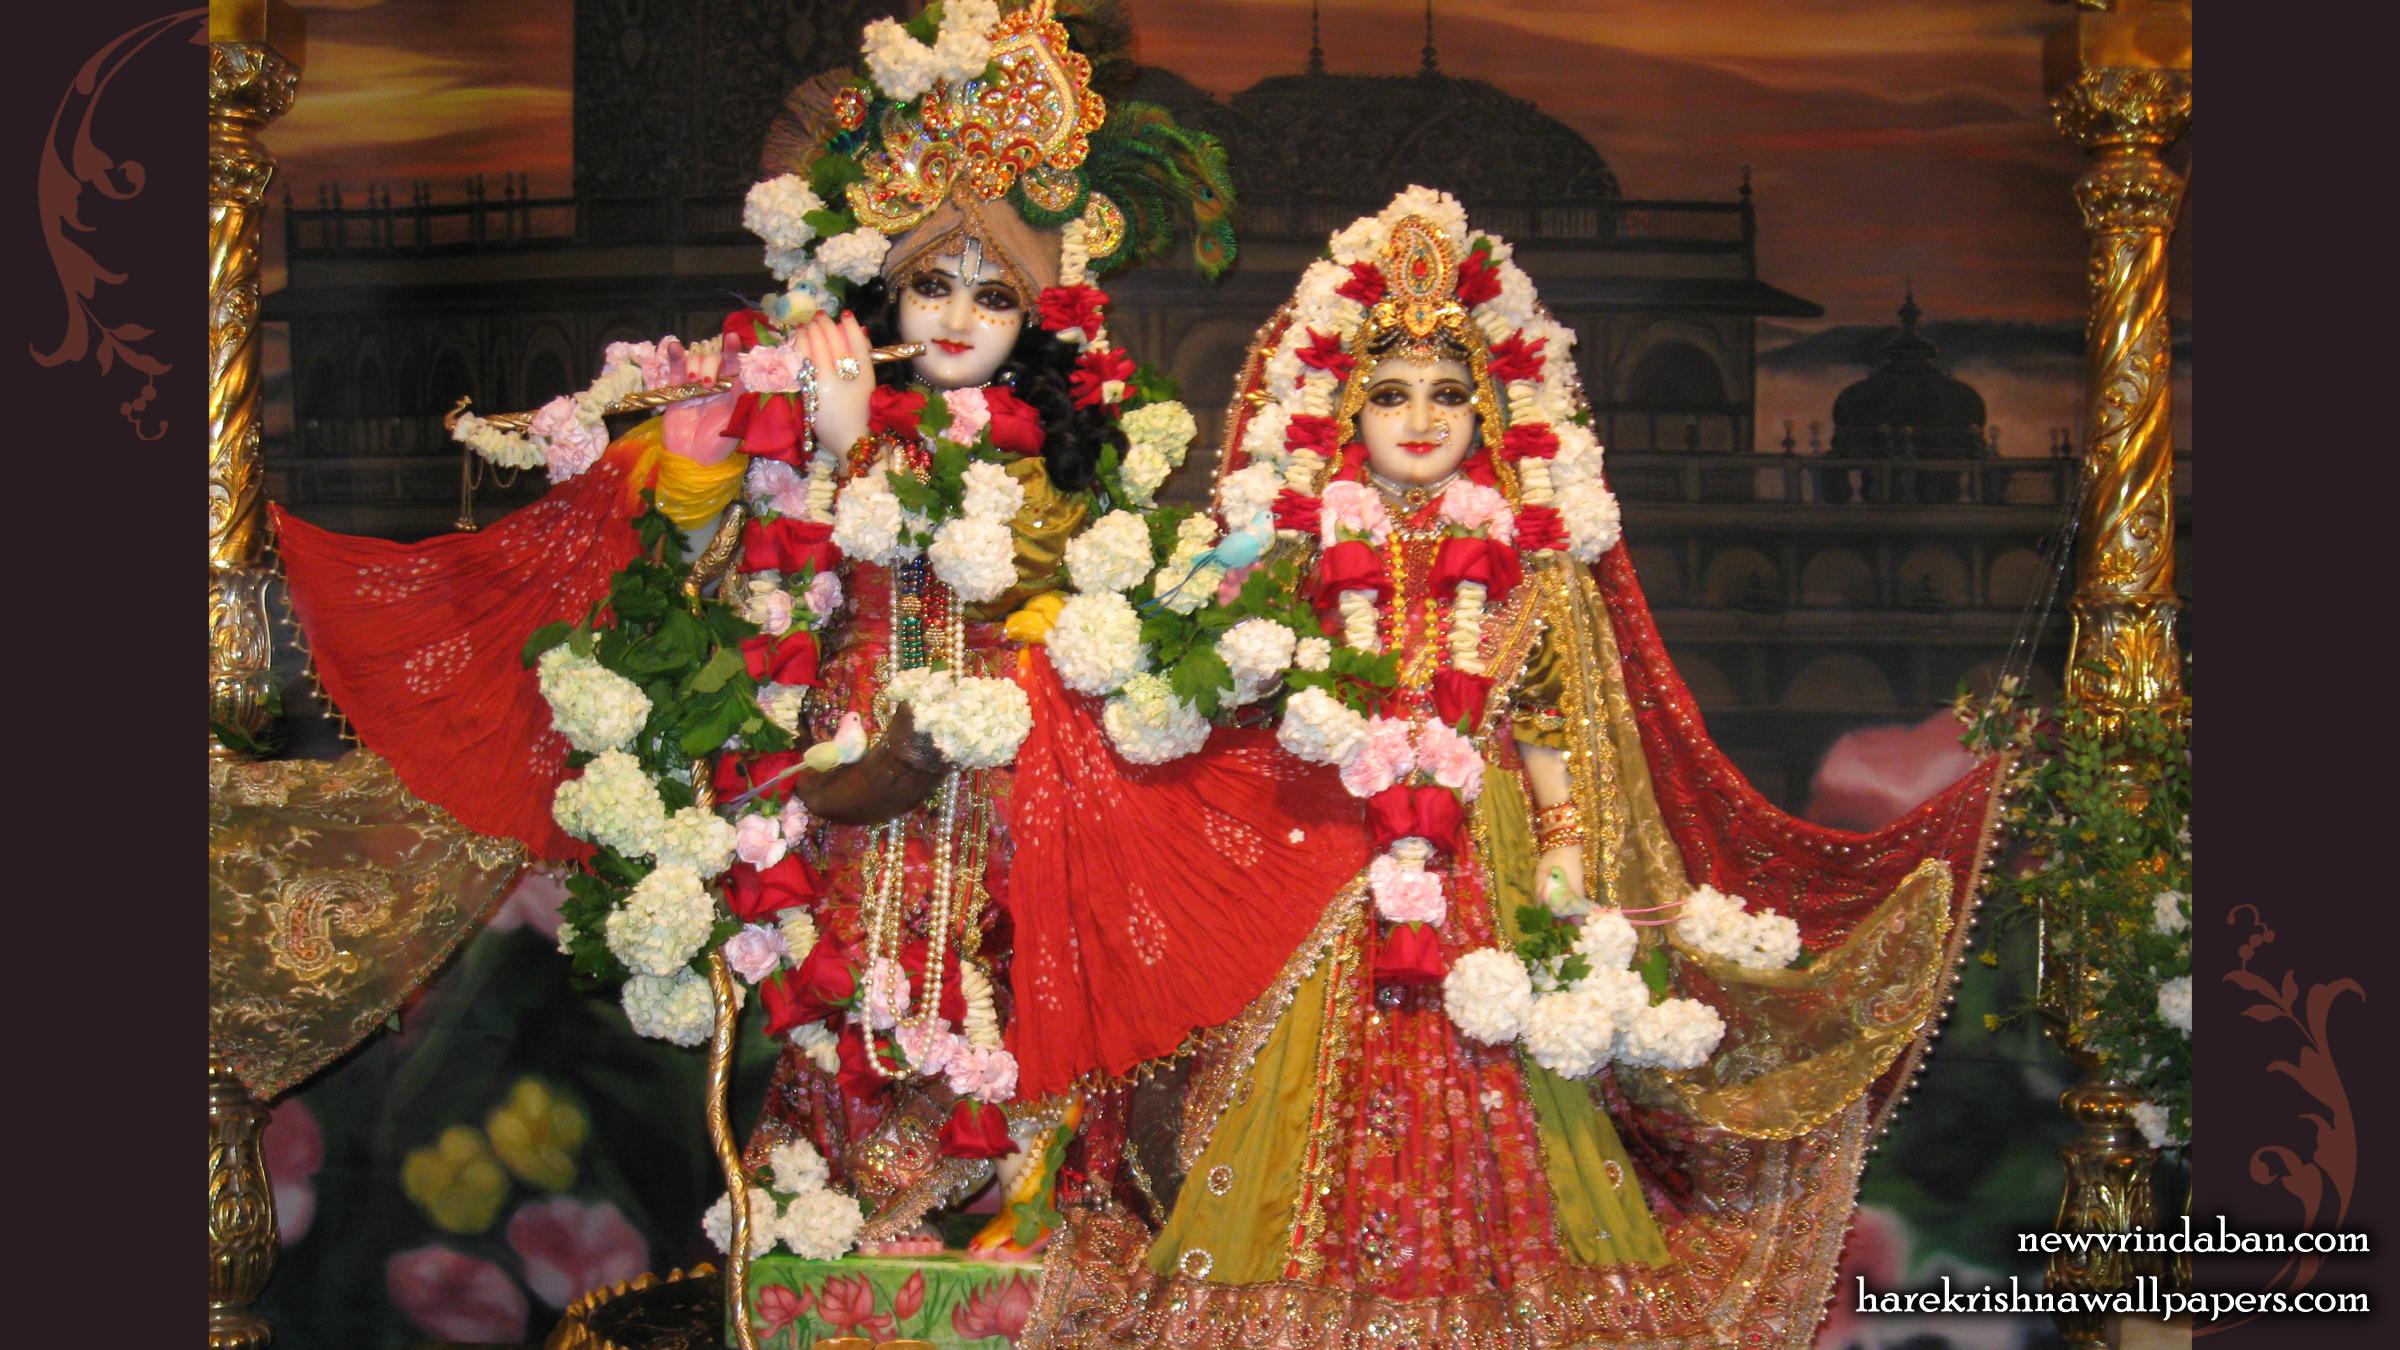 Sri Sri Radha Vrindavana Chandra Wallpaper (001) Size 2400x1350 Download